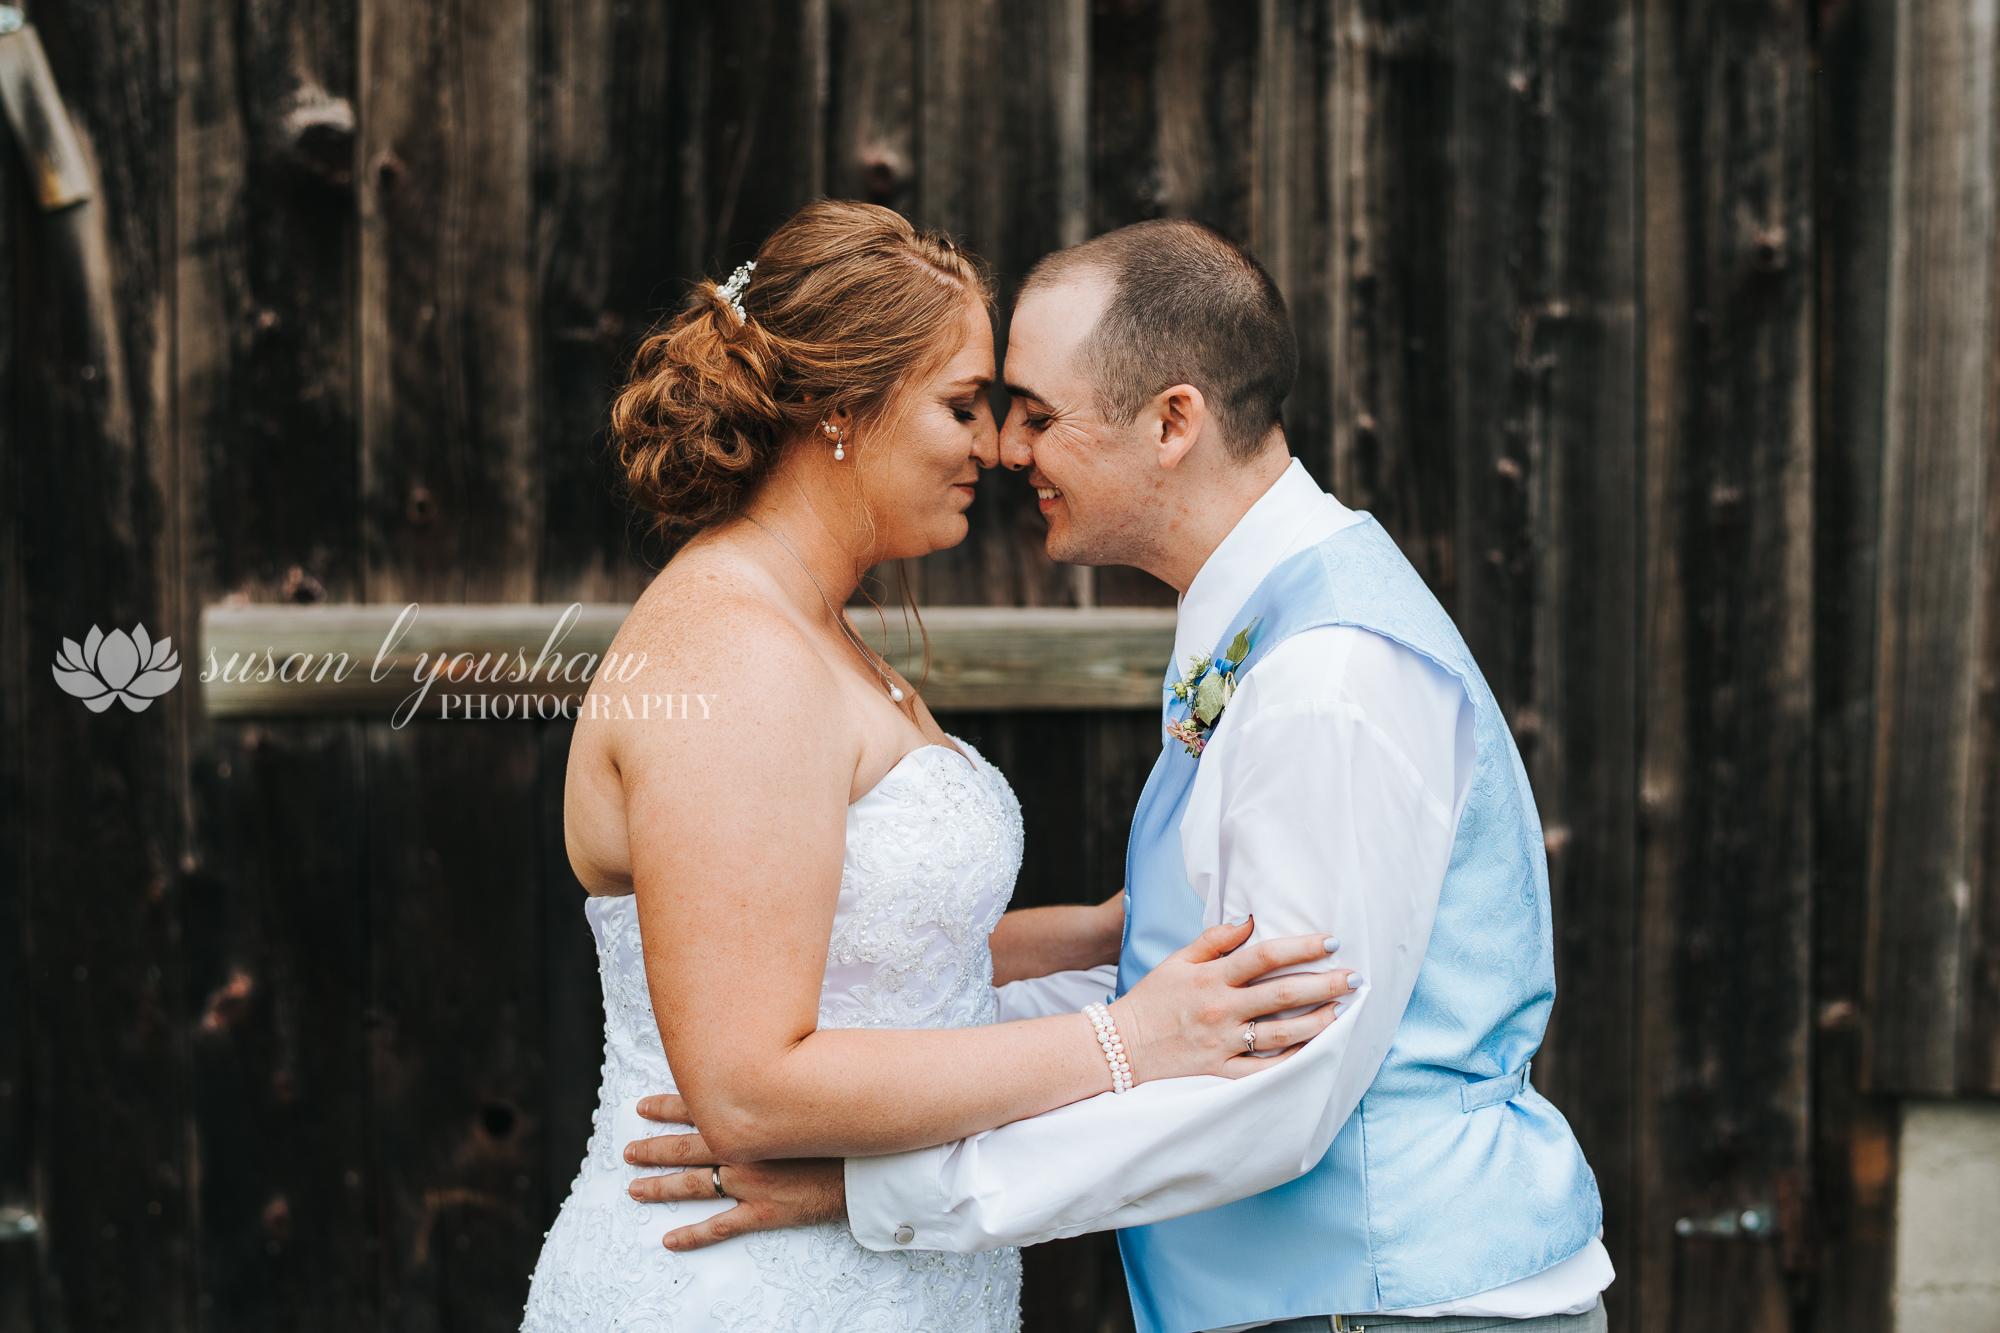 Erin and Jason Wedding Photos 07-06-2019 SLY Photography-155.jpg